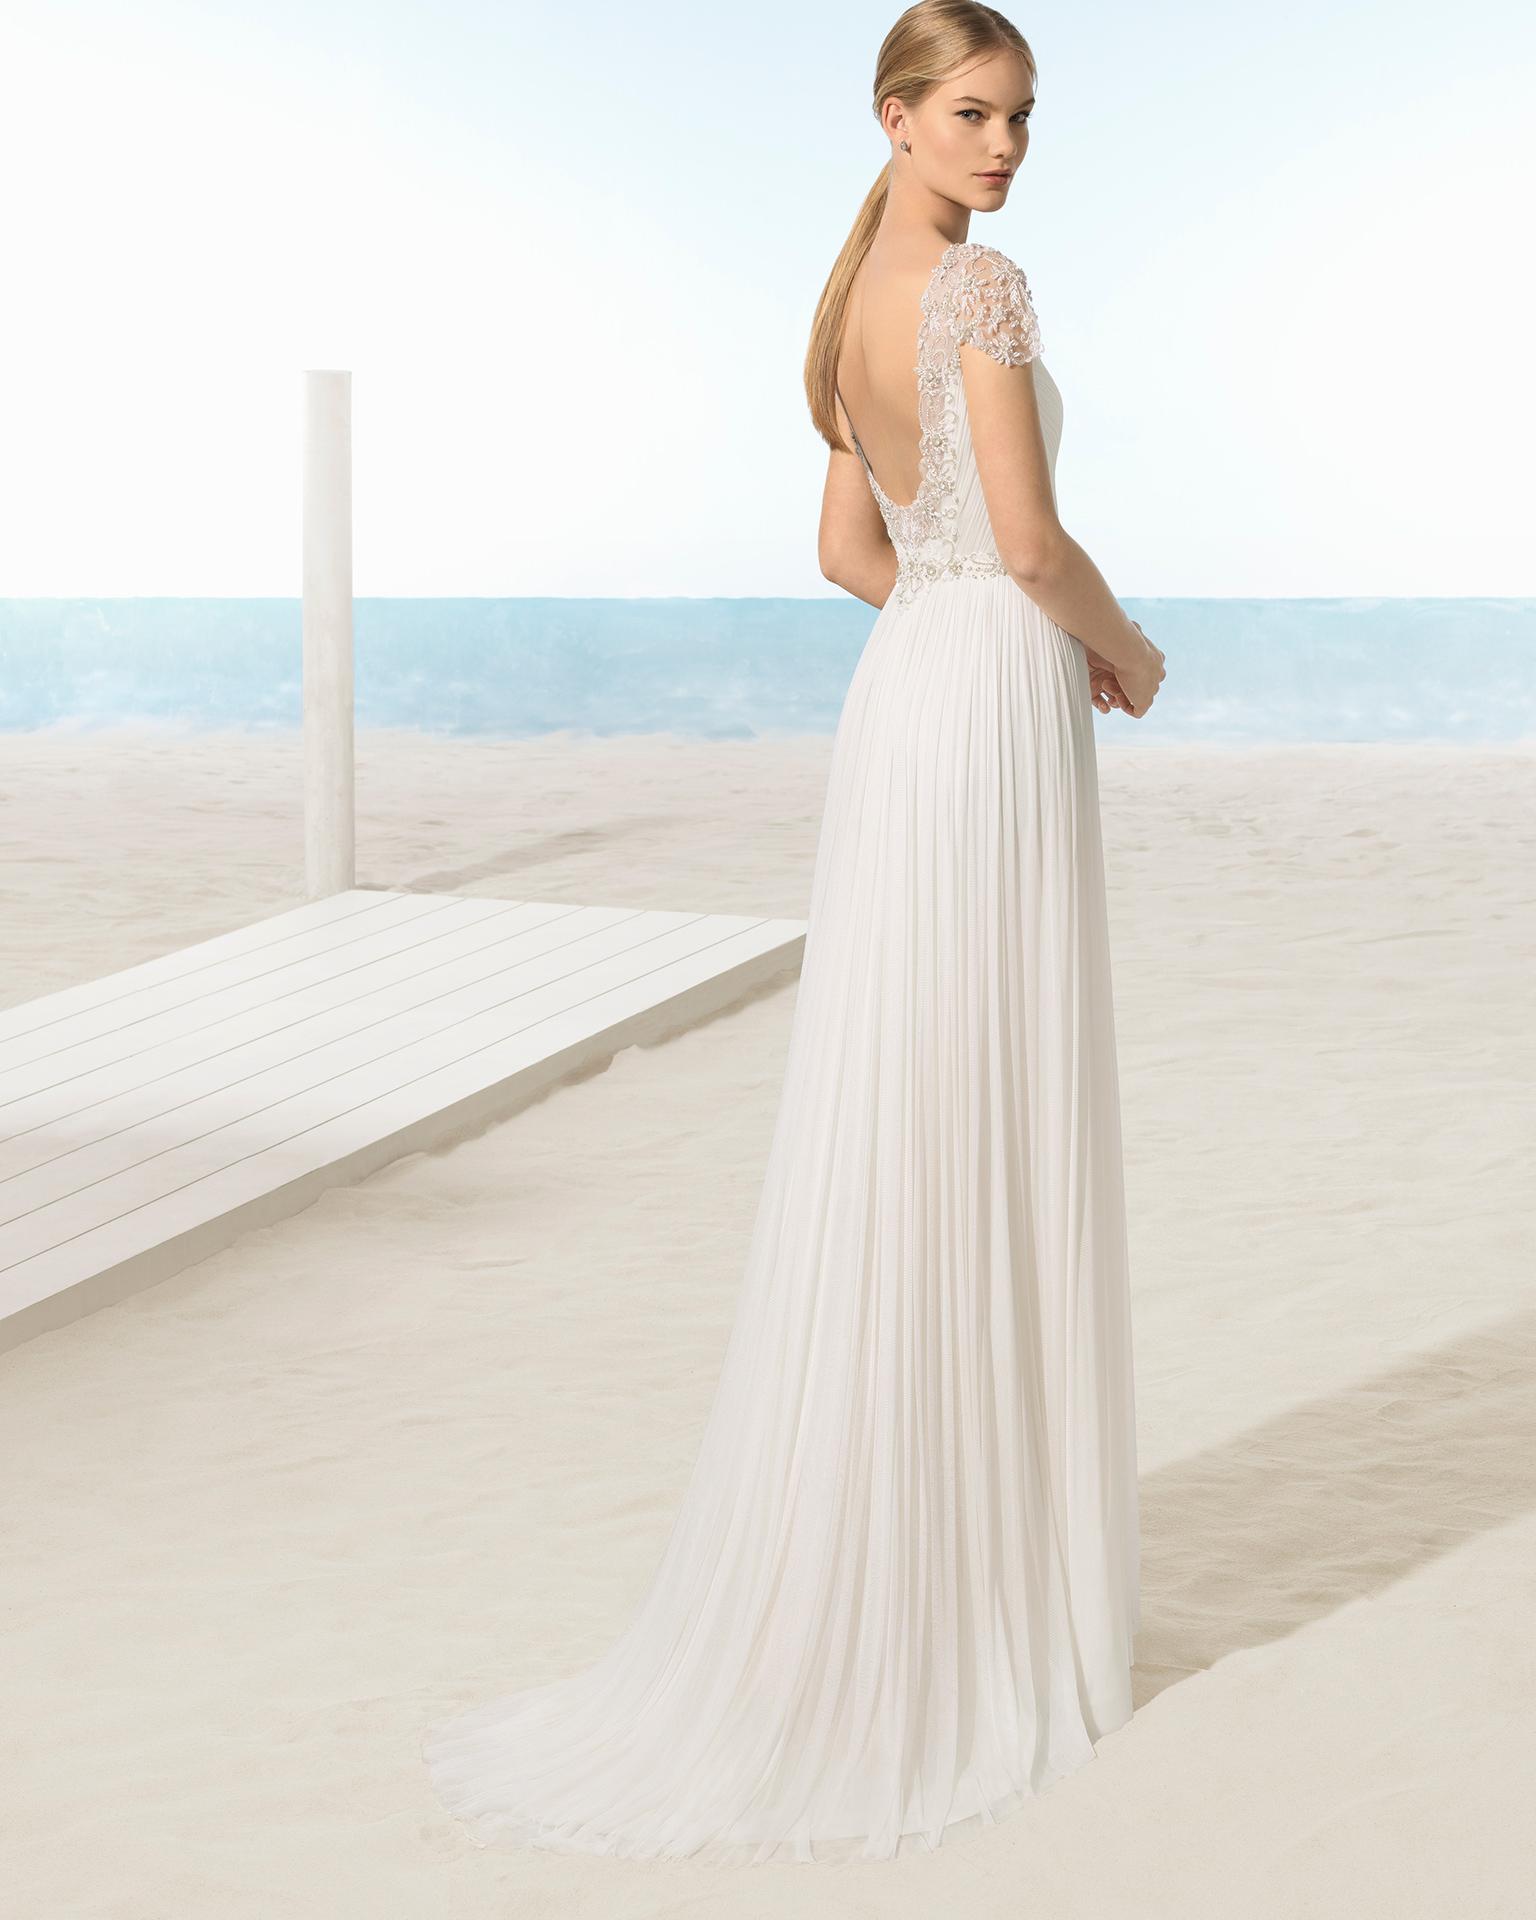 波西米亚风全丝薄纱新娘婚纱,交叉领口珠宝镶饰后背设计。